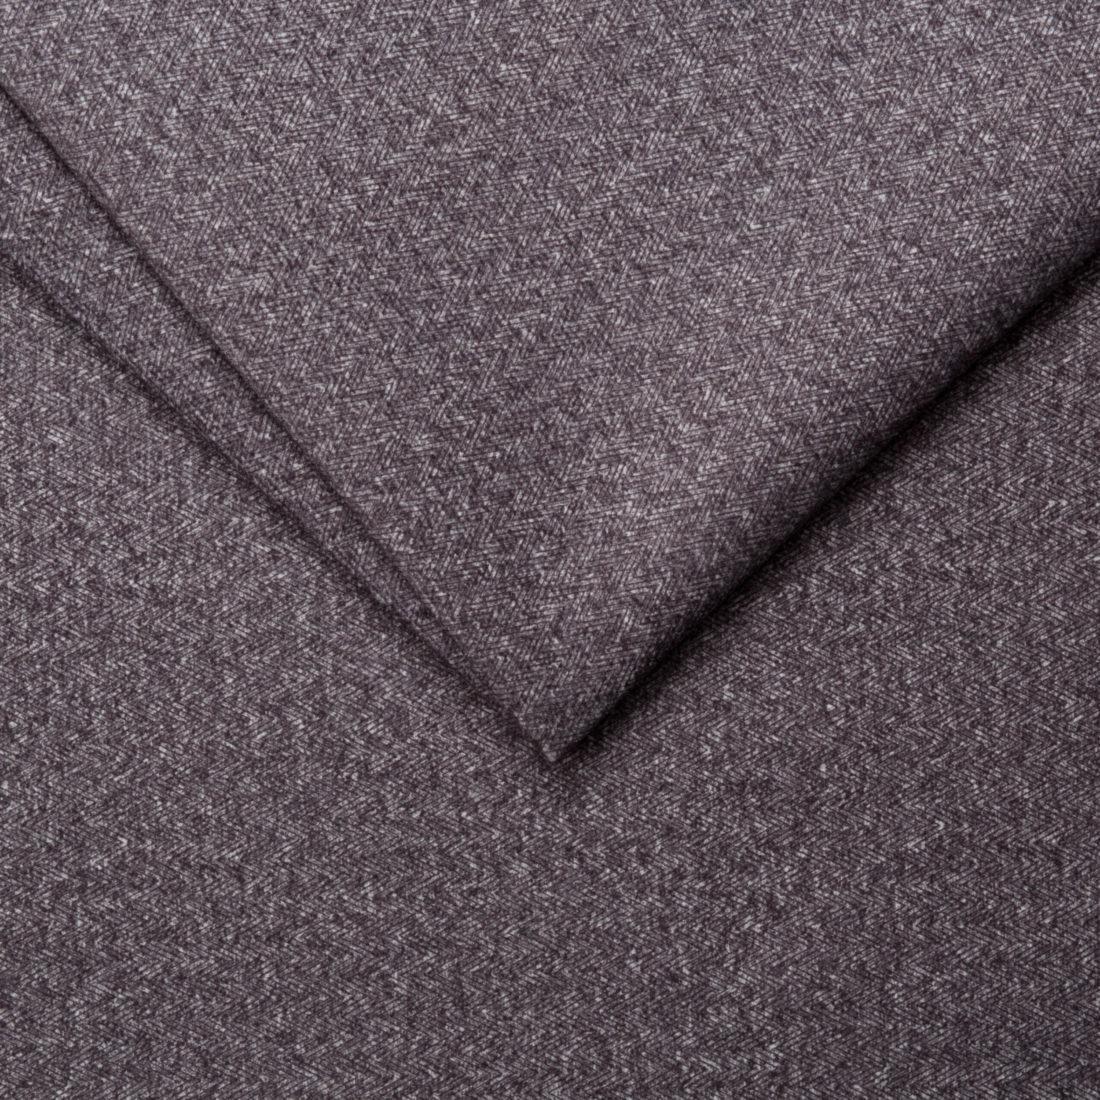 Мебельная ткань Next 16 Graphite, велюр